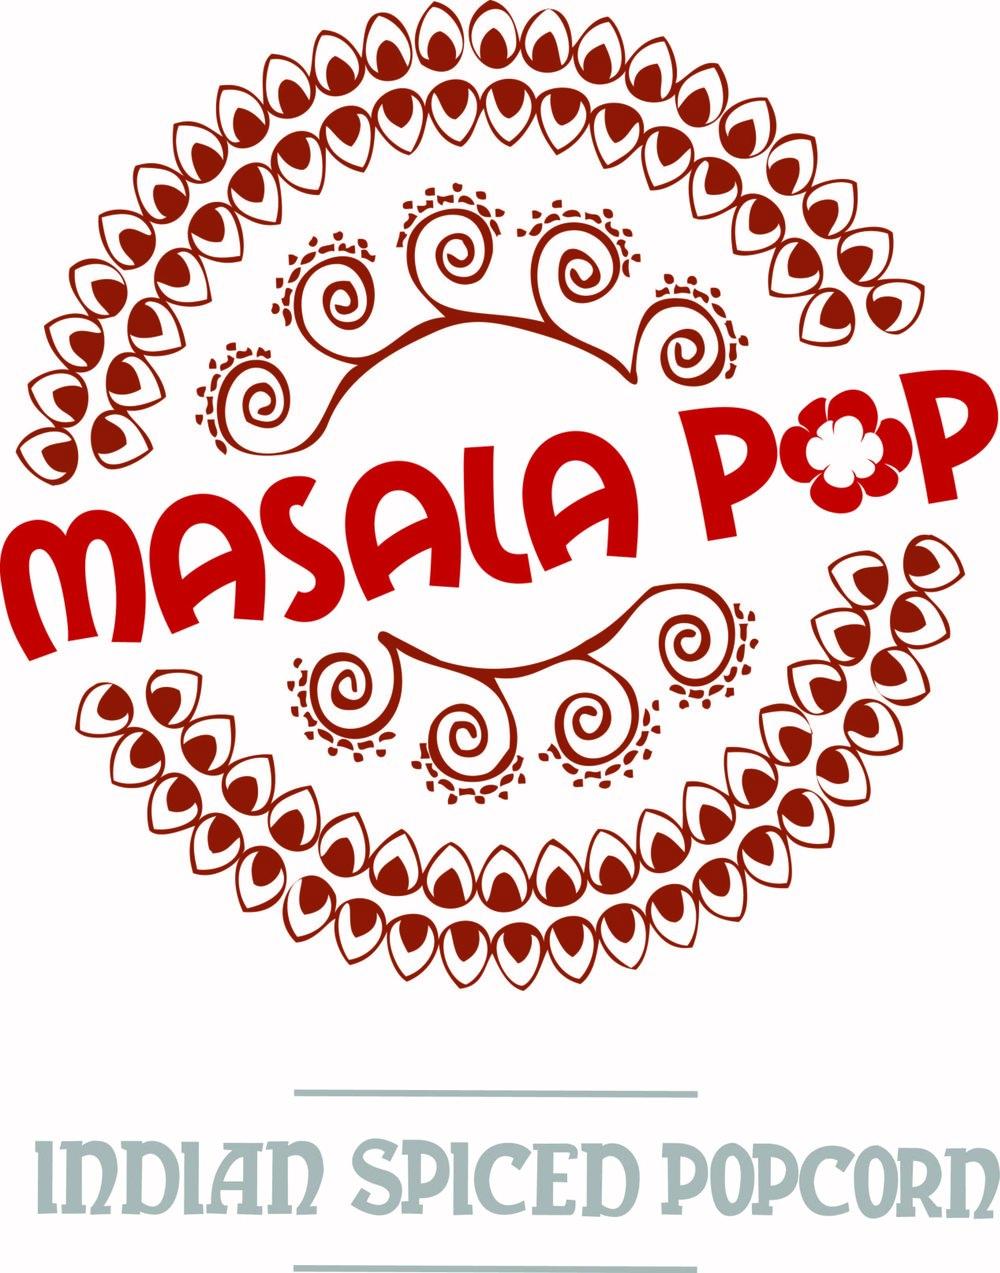 Masalapop_logo_ISPtext3.jpg